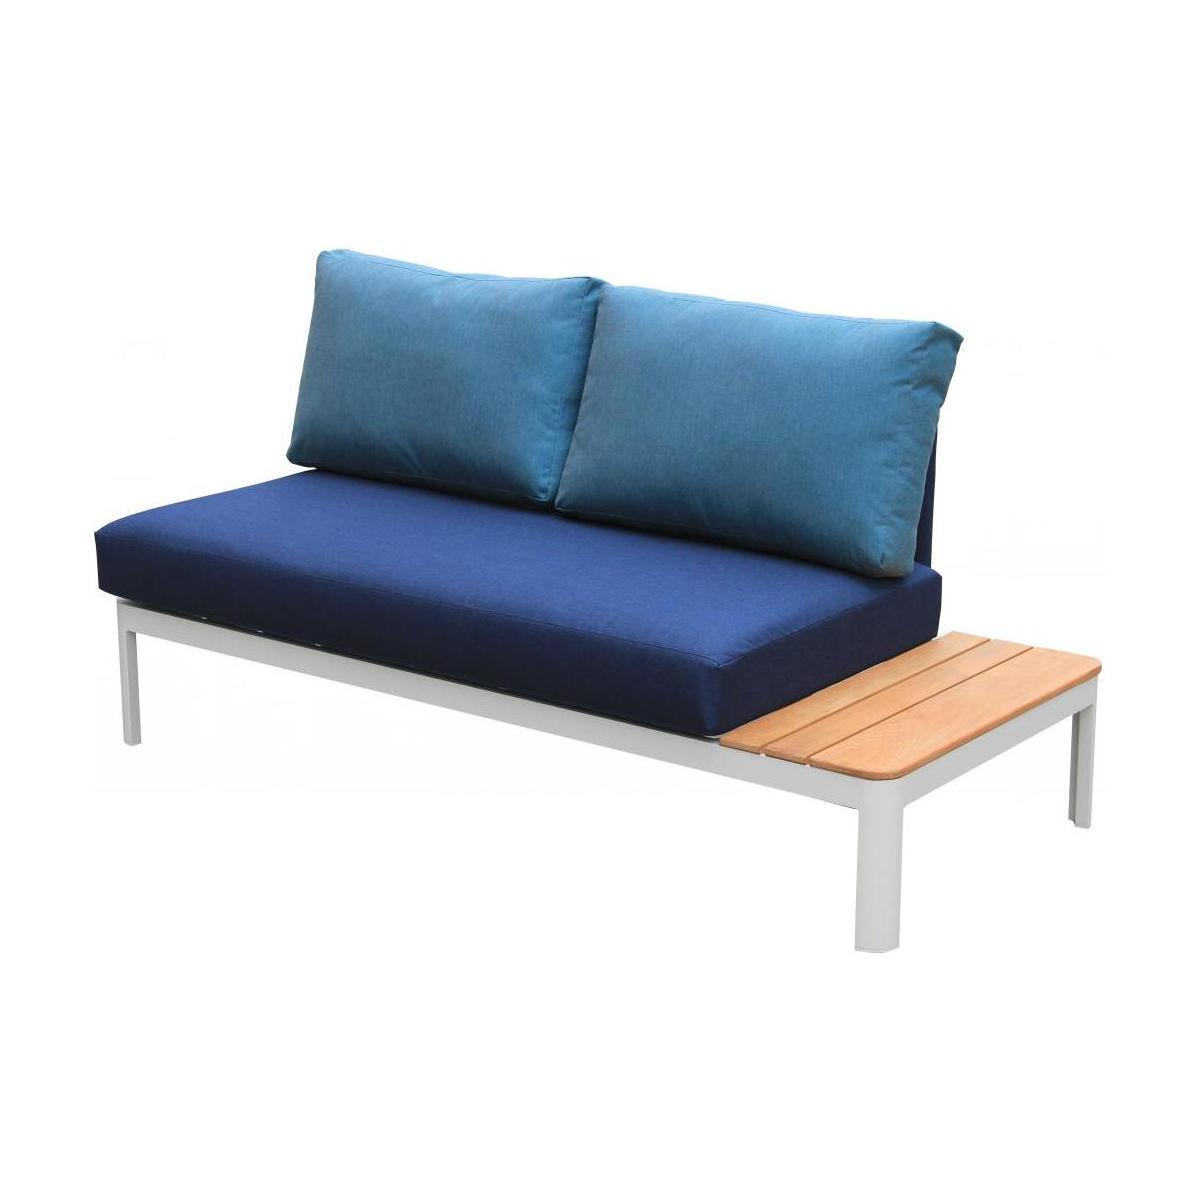 Canapé De Jardin En Aluminium Blanc Poudré Avec Table À Gauche + Coussins  Sunbrella Bleu Indigo concernant Canapé Teck Jardin